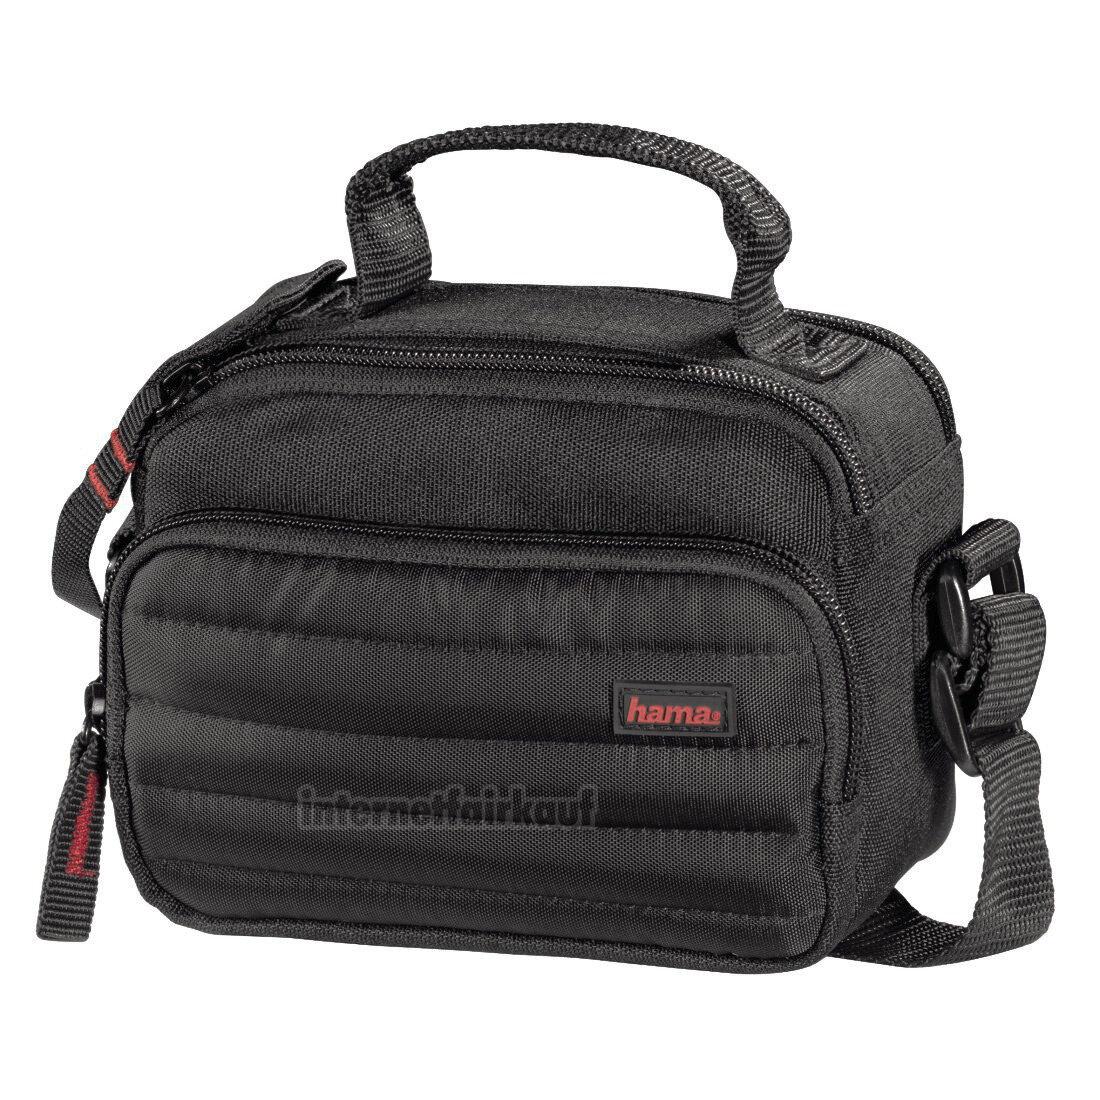 Fototasche passend für Panasonic Lumix GX80 und 14-42mm oder 35-100mm Objektiv